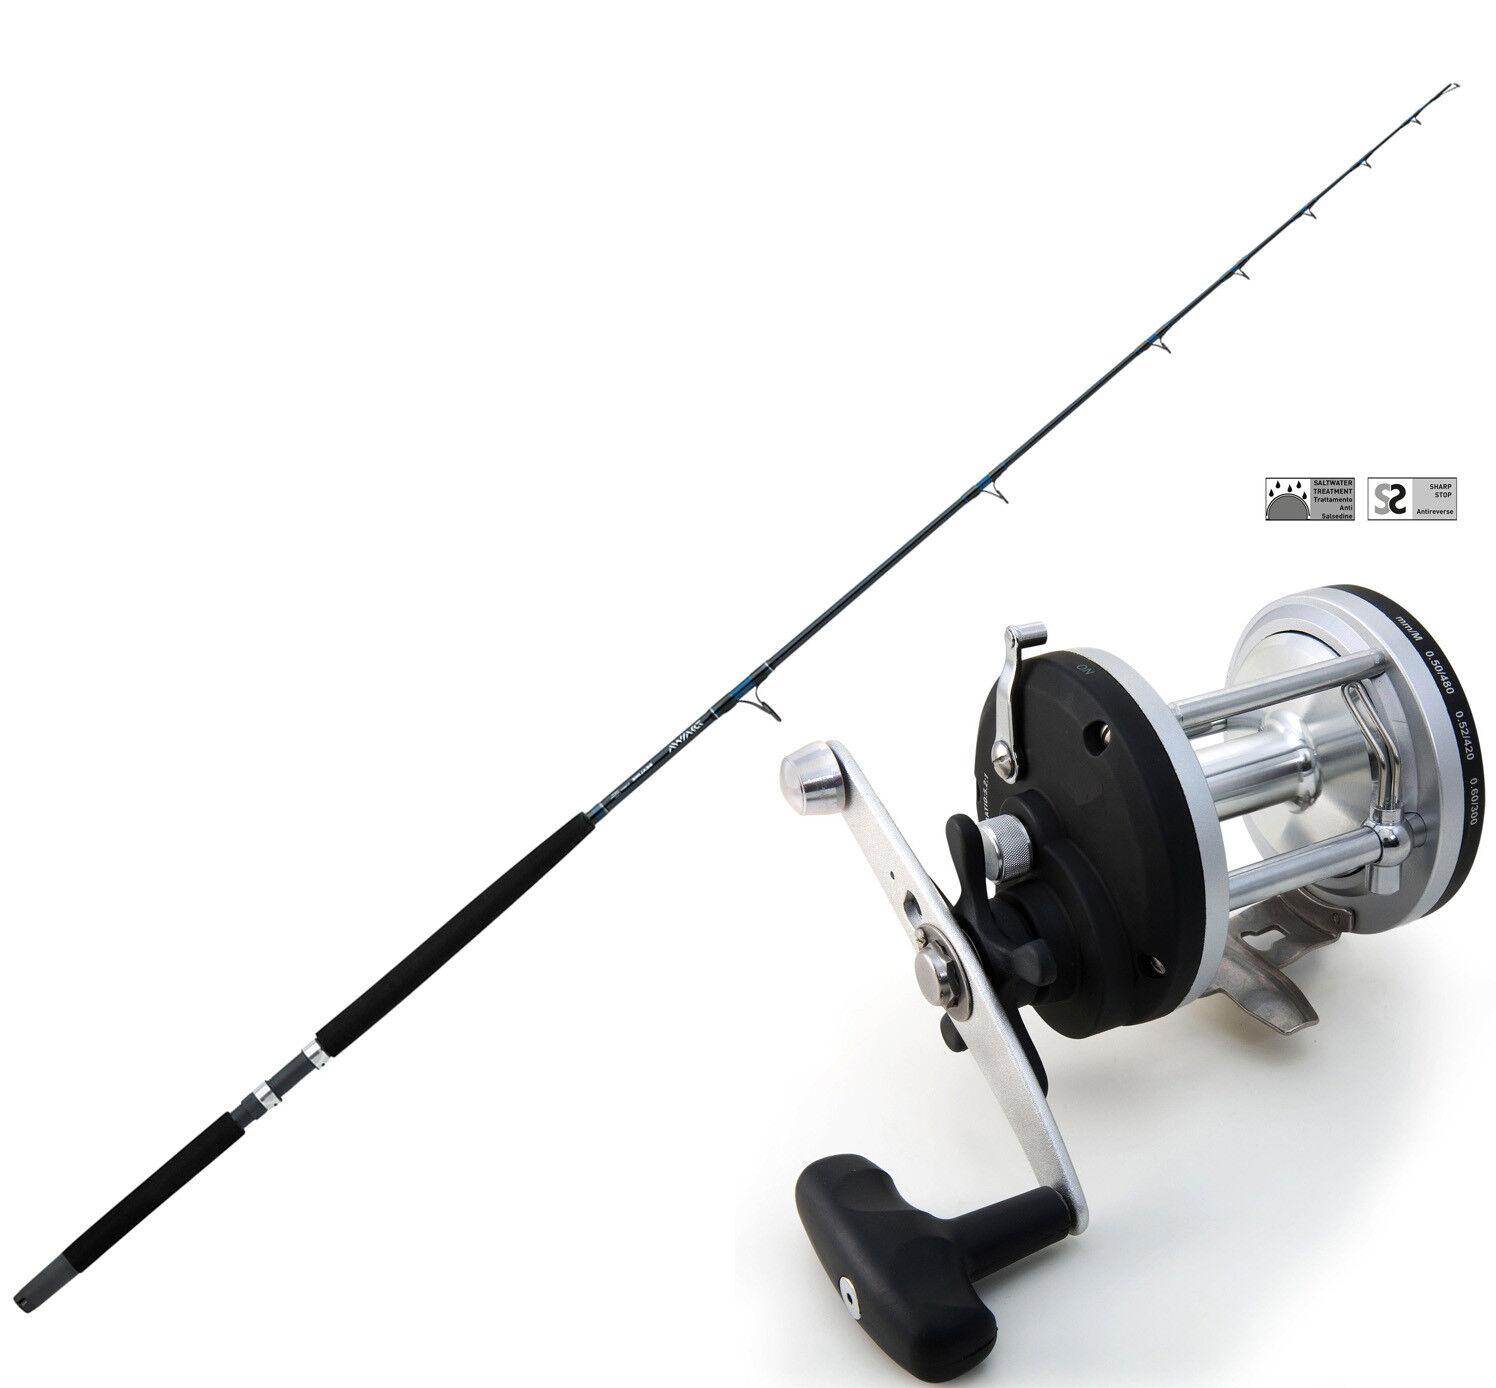 KP3627 Canna Traina Daiwa Sealine  Trolling 15 - 40 Lb Pesca mulinello RNG  el mejor servicio post-venta